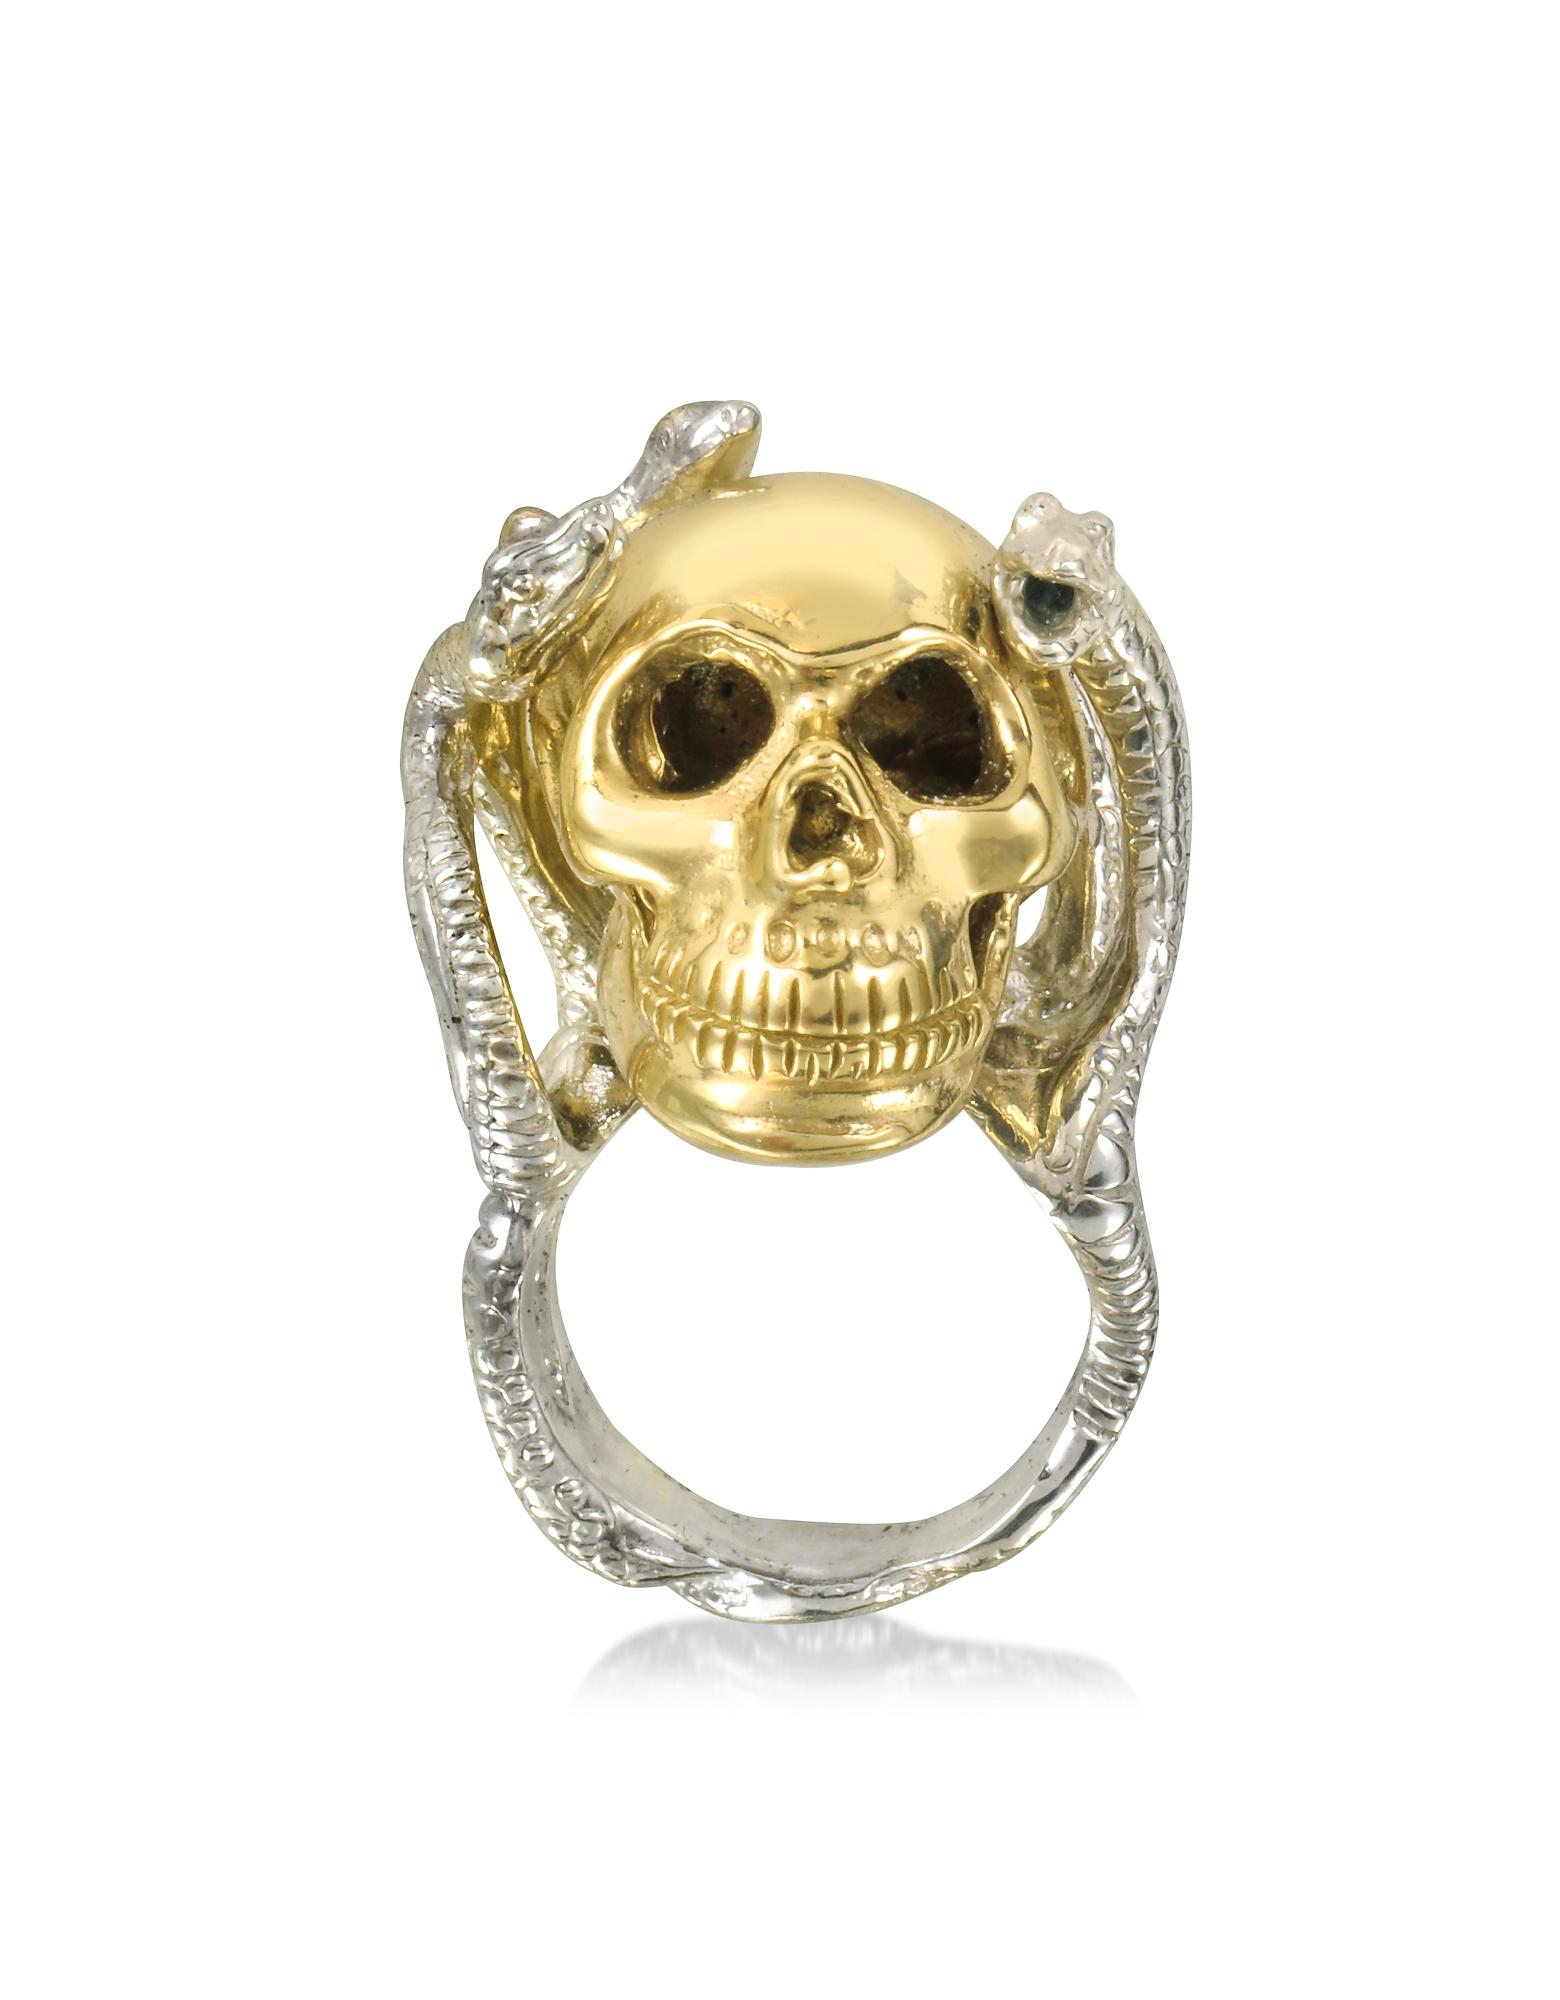 Bernard Delettrez Rings, Four Snakes Ring w/Bronze Skull